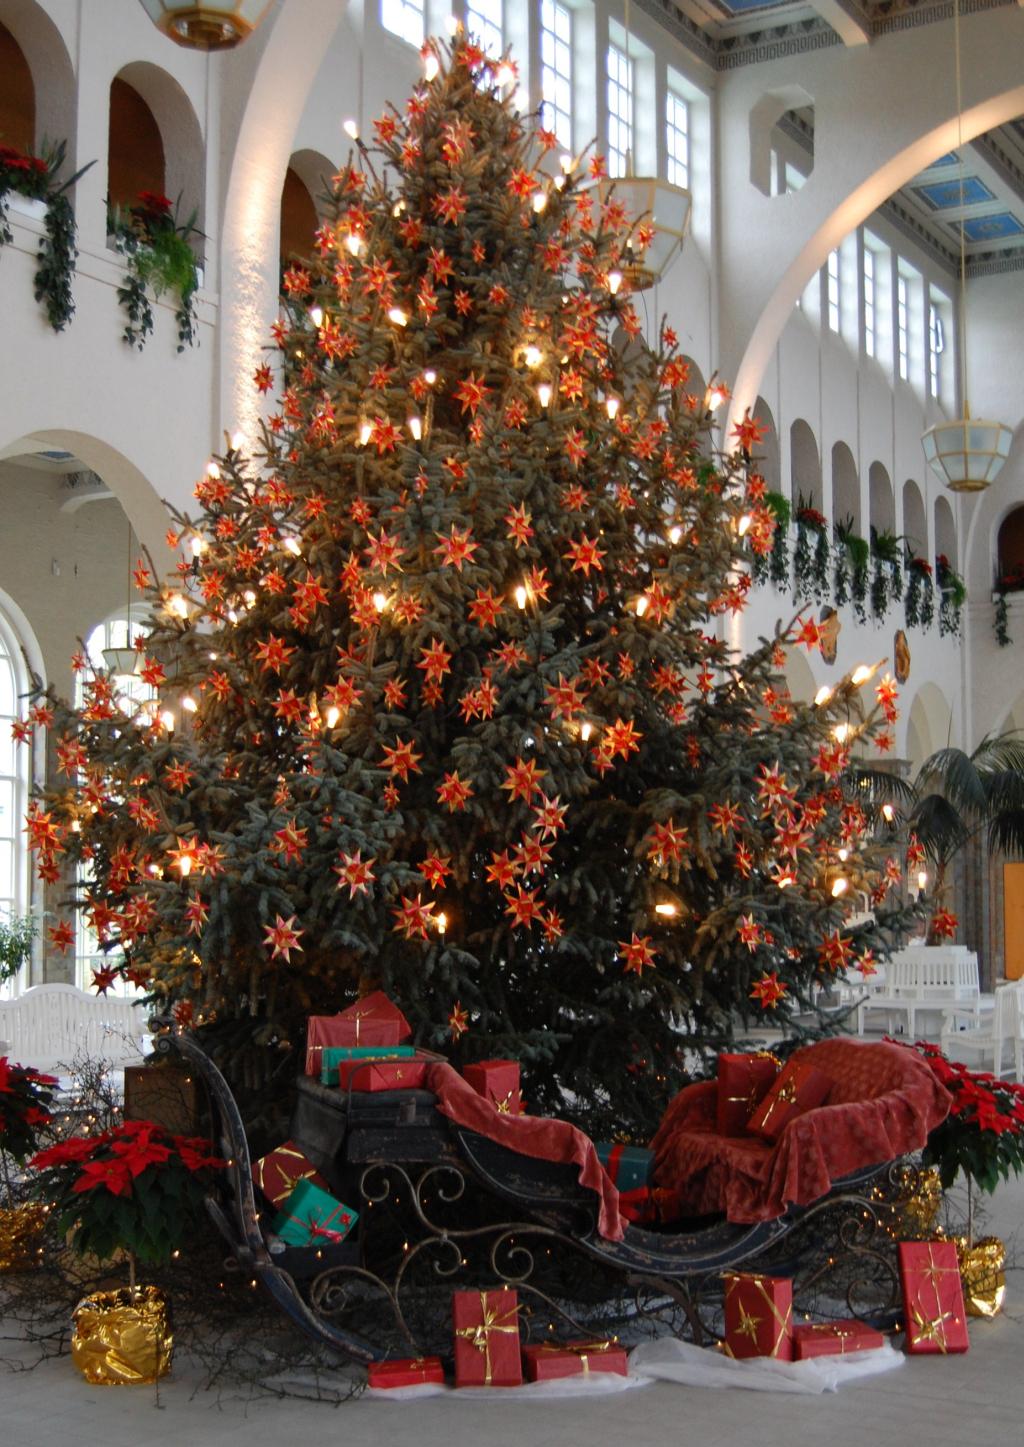 Wann Wurde Der Geschmückte Weihnachtsbaum Populär.Stille Nacht Heilige Nacht Liedtext Und Hintergründe